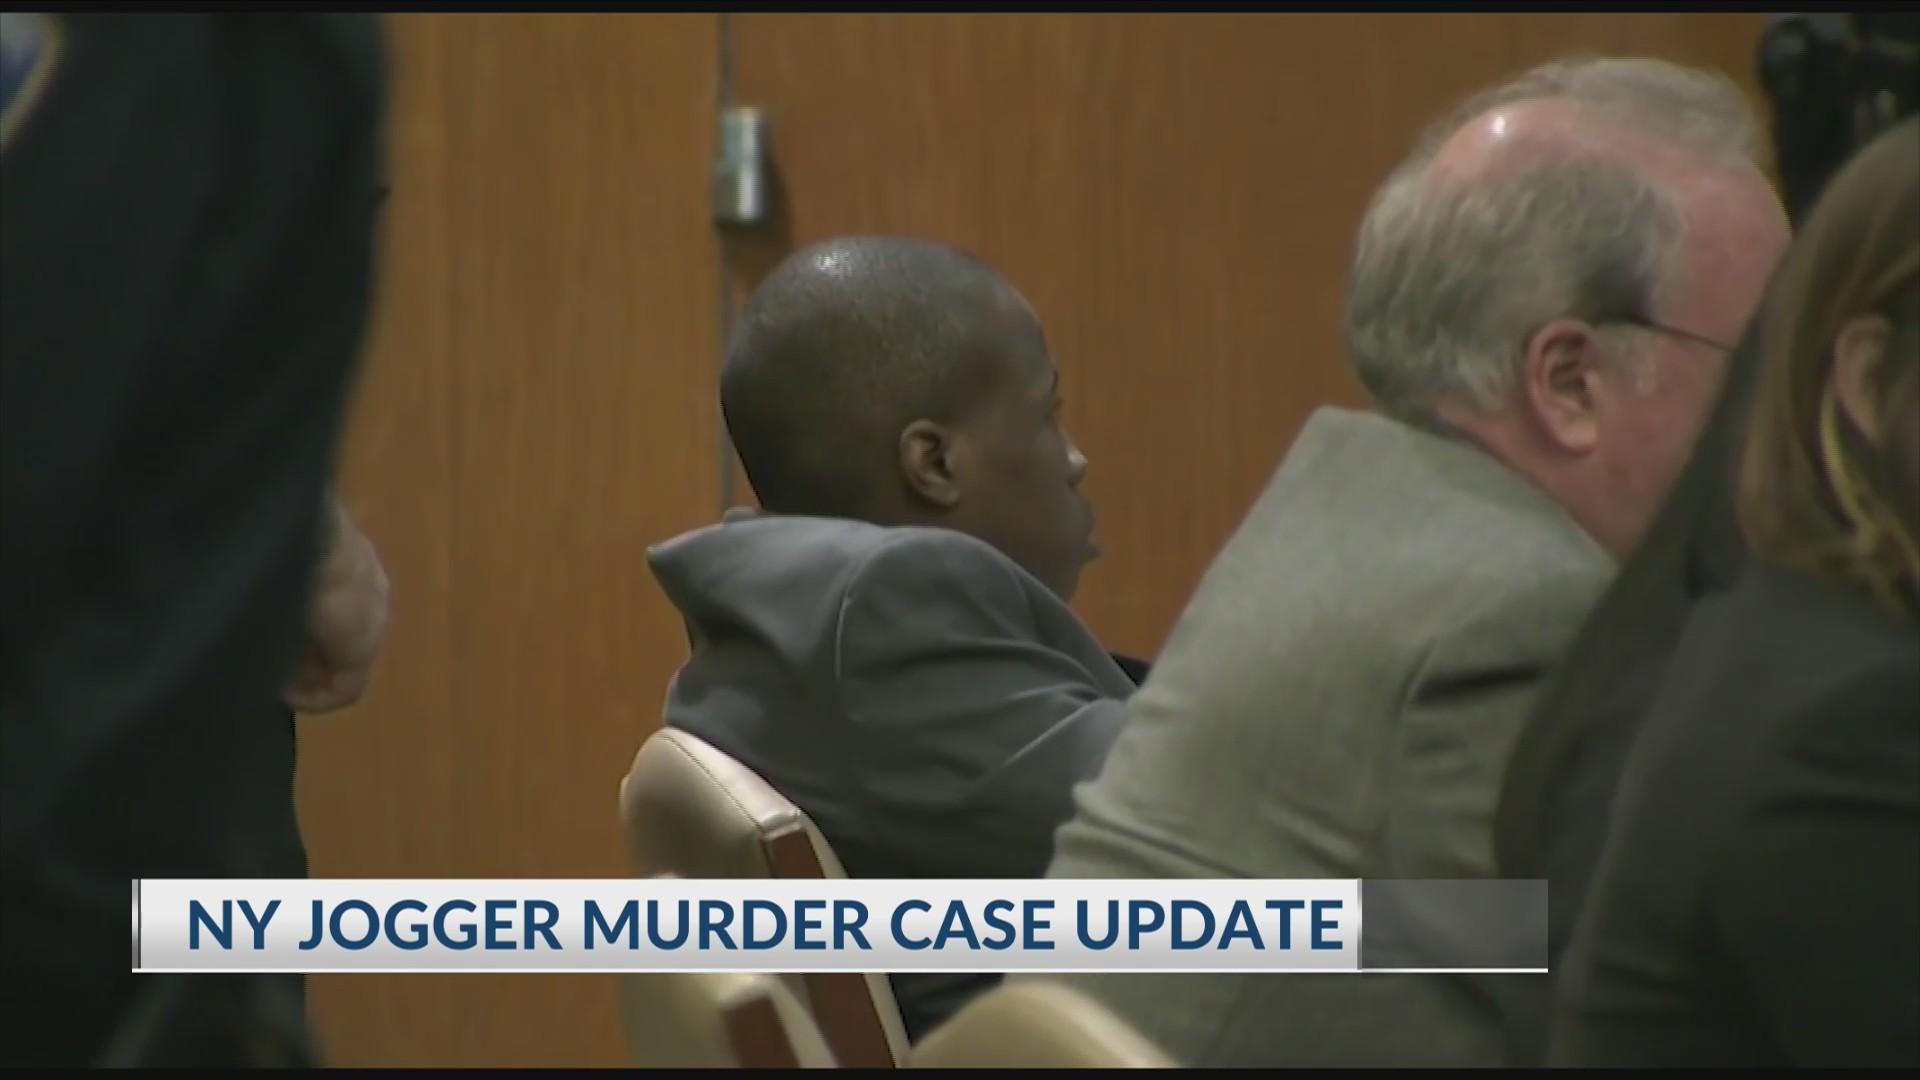 NY_JOGGER_MURDER_CASE_0_20190425035813